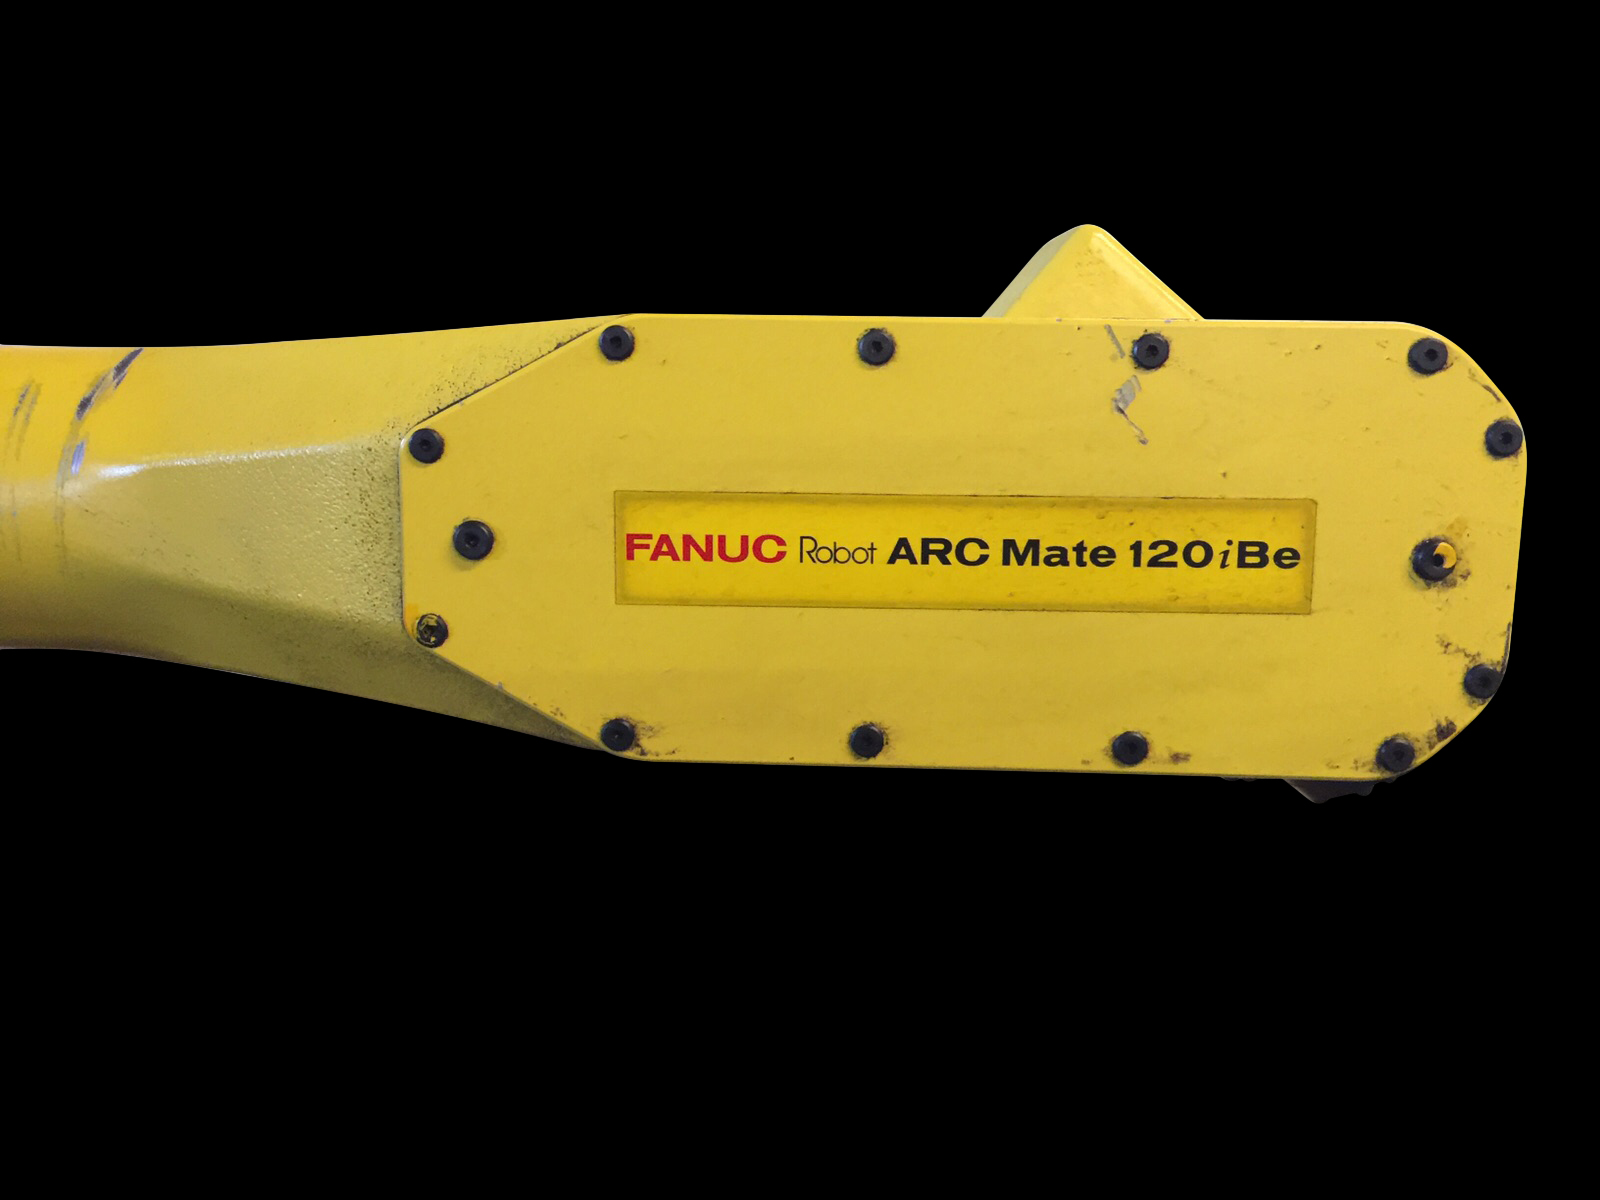 FANUC ARC Mate 120iBe